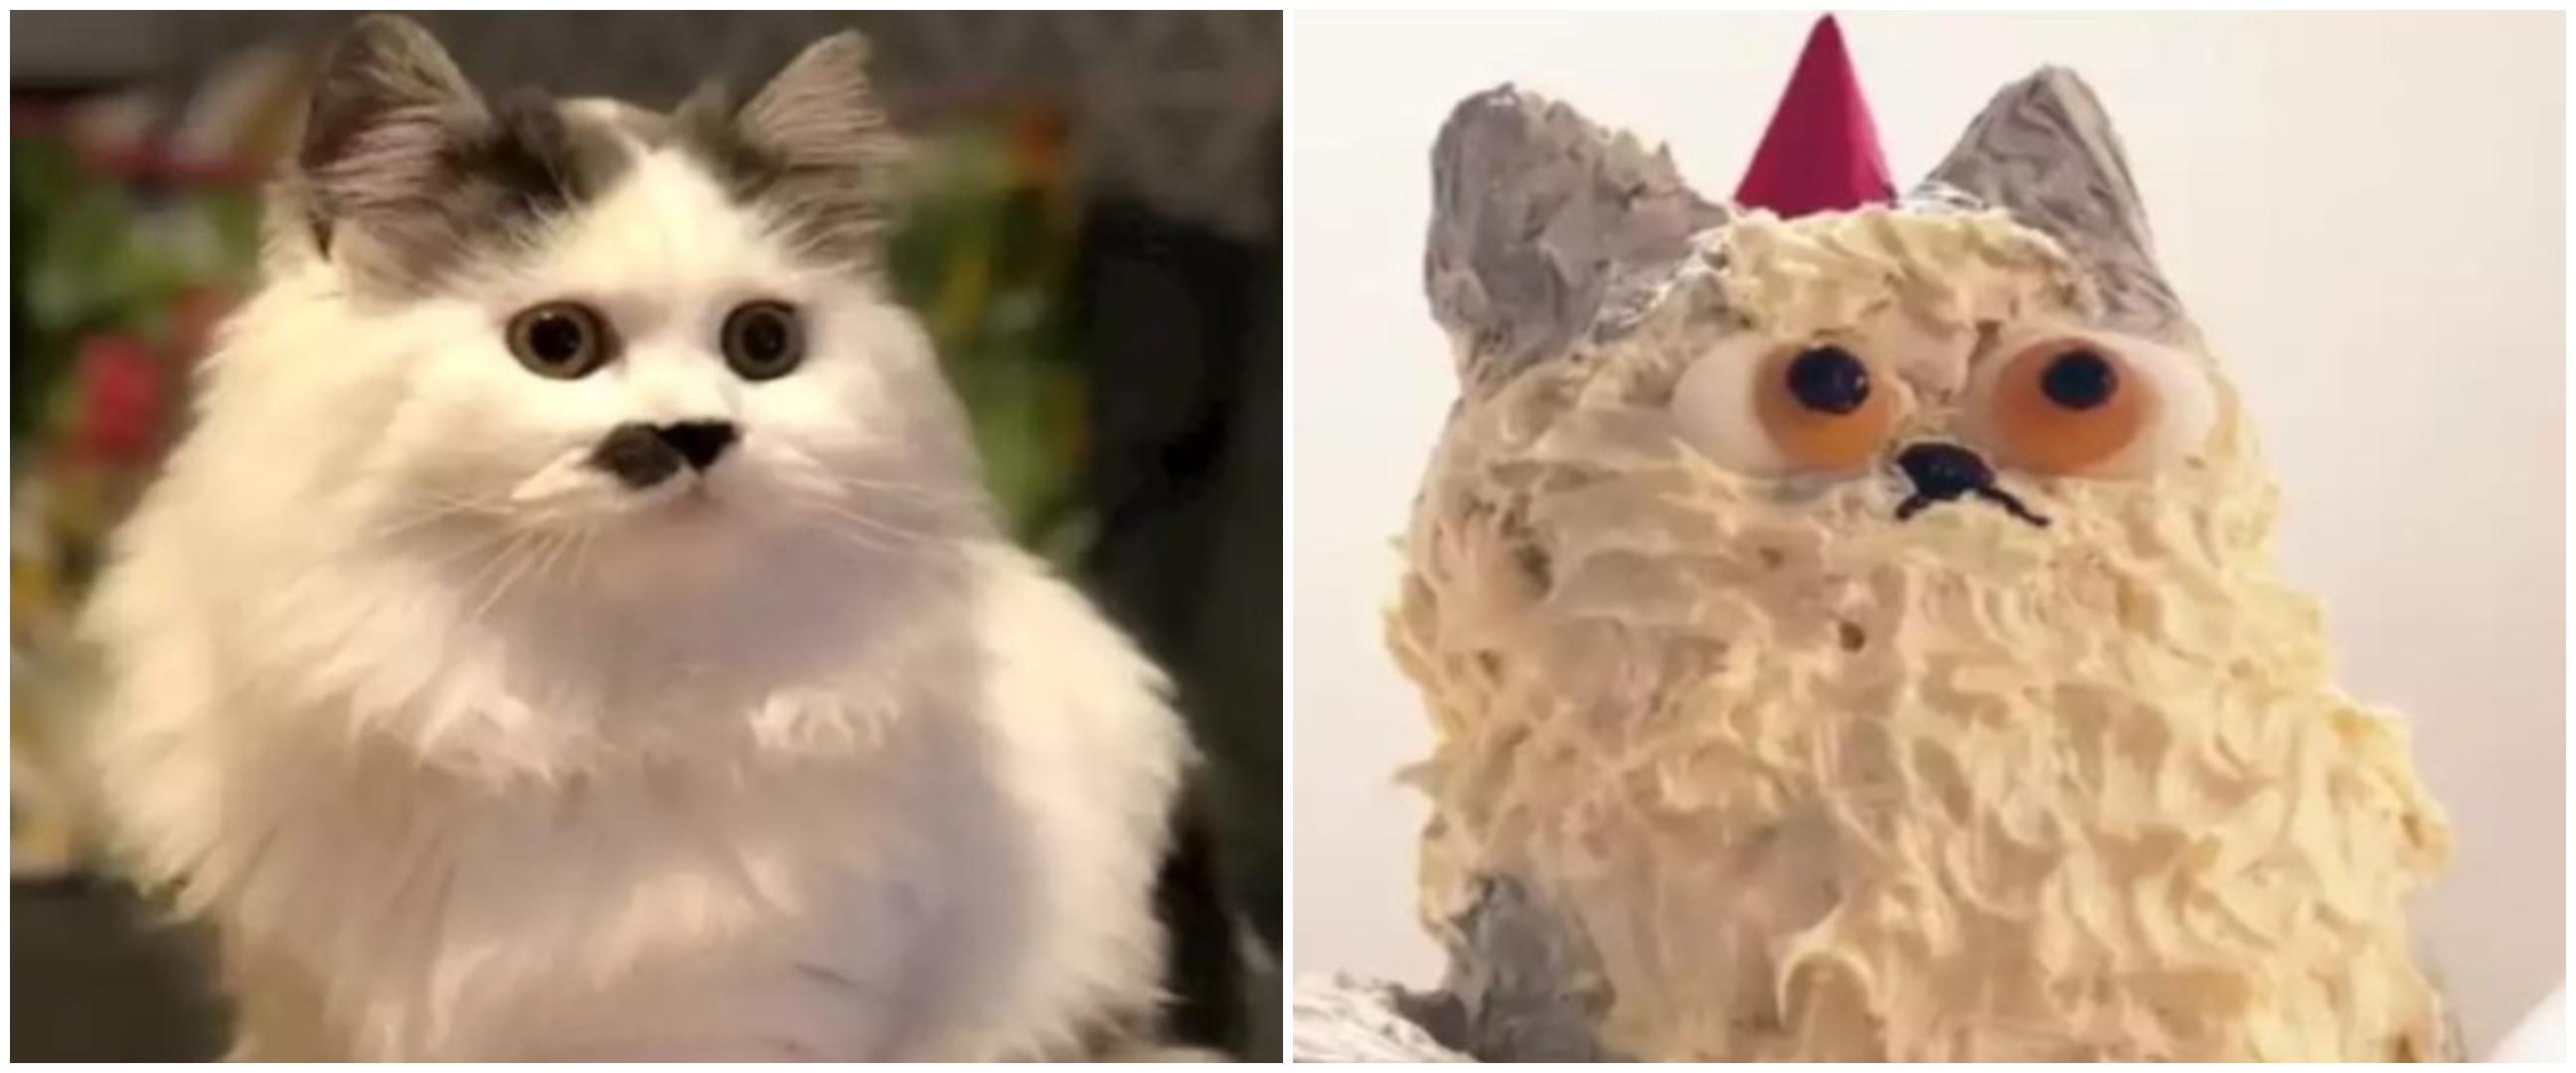 Niatnya bikin bentuk hewan, 9 kue ulang tahun ini hasilnya absurd